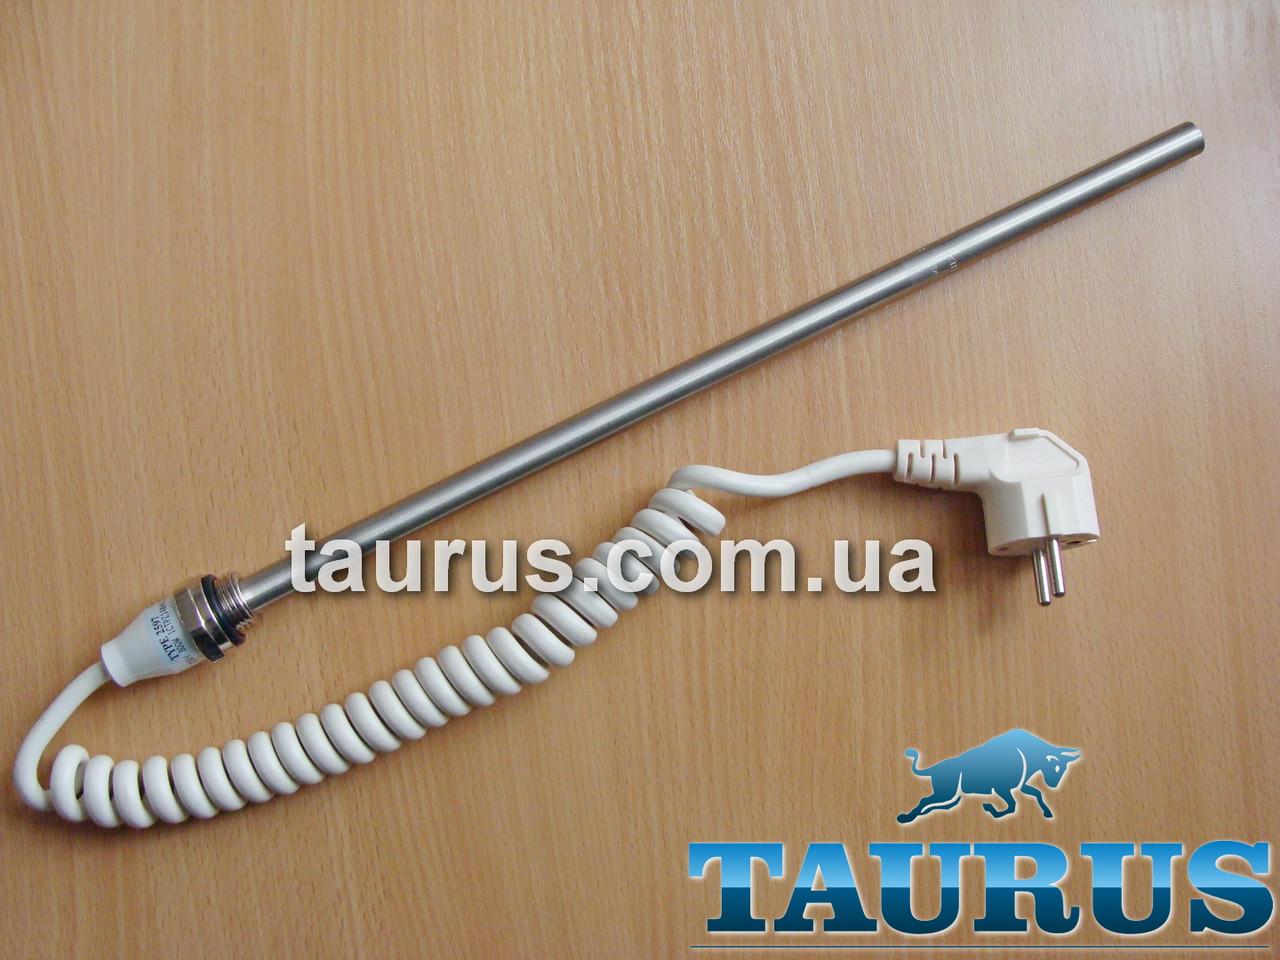 ЭлектроТЭН для базовой комплектации полотенцесушителя RICA (термостат на 65 градусов). Мощность 200-400W